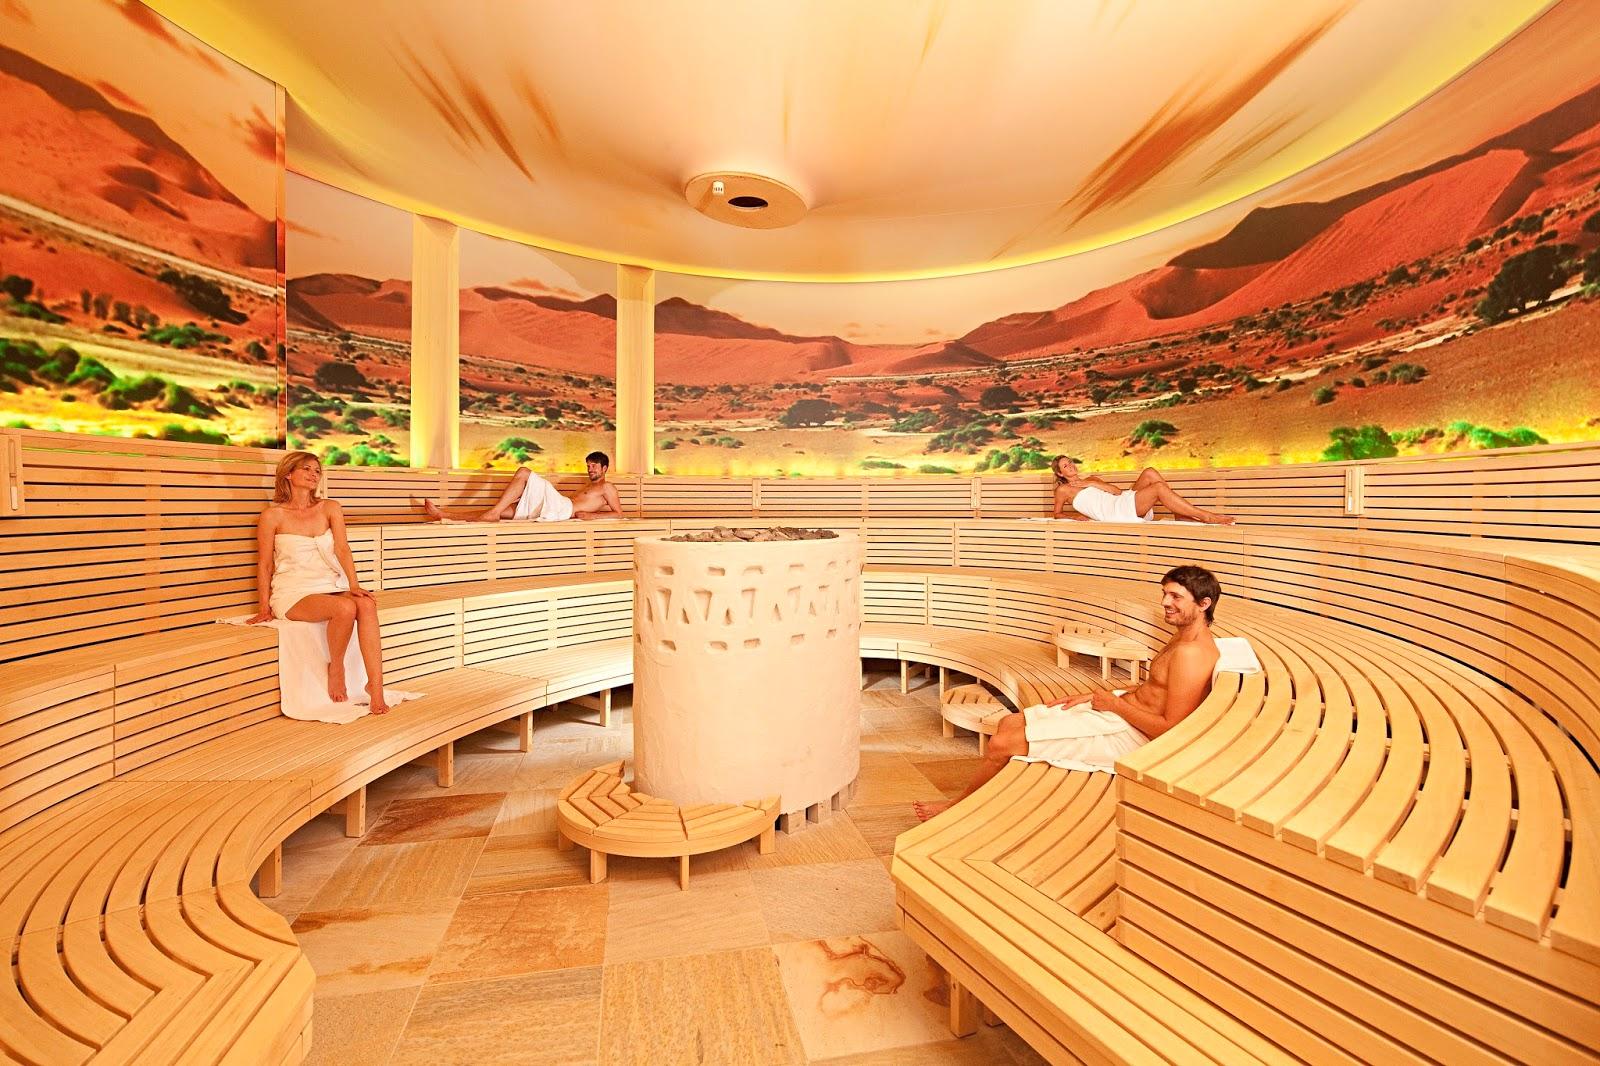 fuss kontakte saunaland aquarium karlsruhe